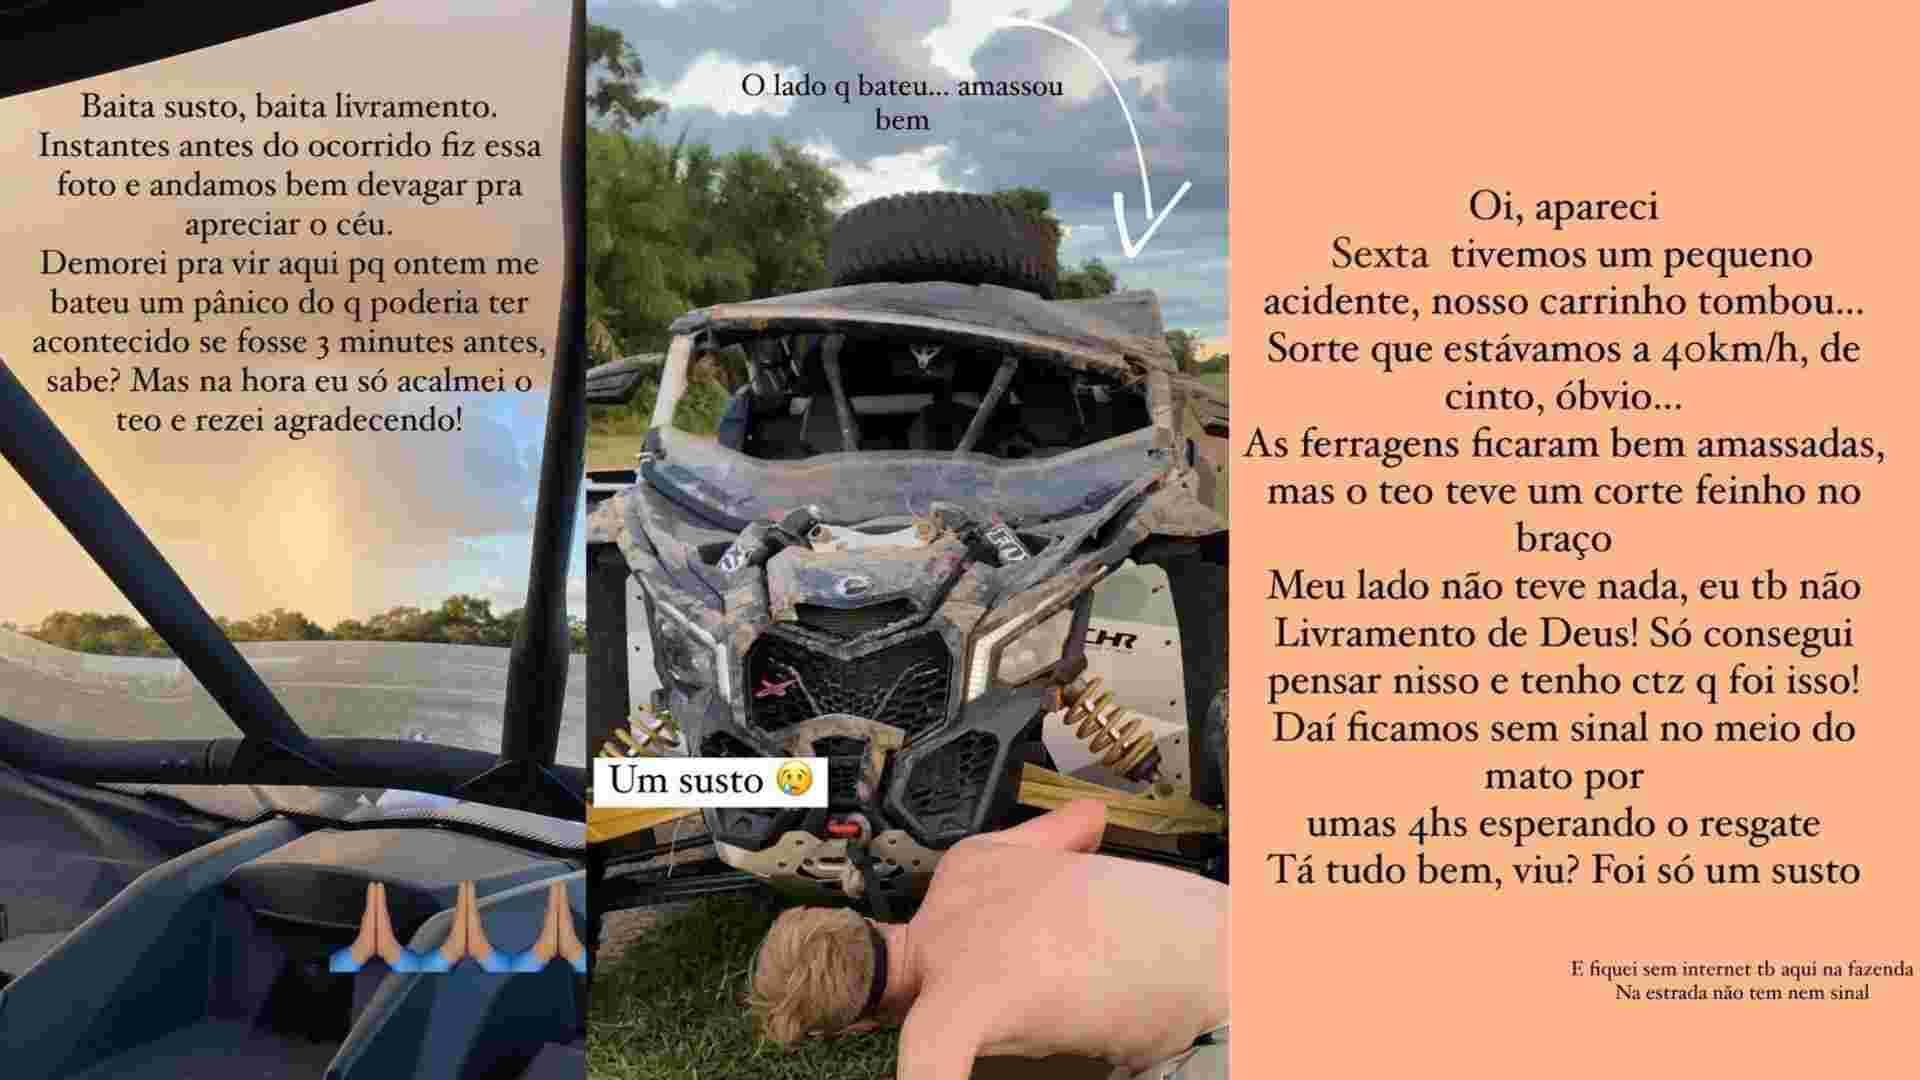 Gabi Luthai e Teo Teló sofrem acidente: 'baita susto, baita livramento' (Foto: Reprodução/Instagram)